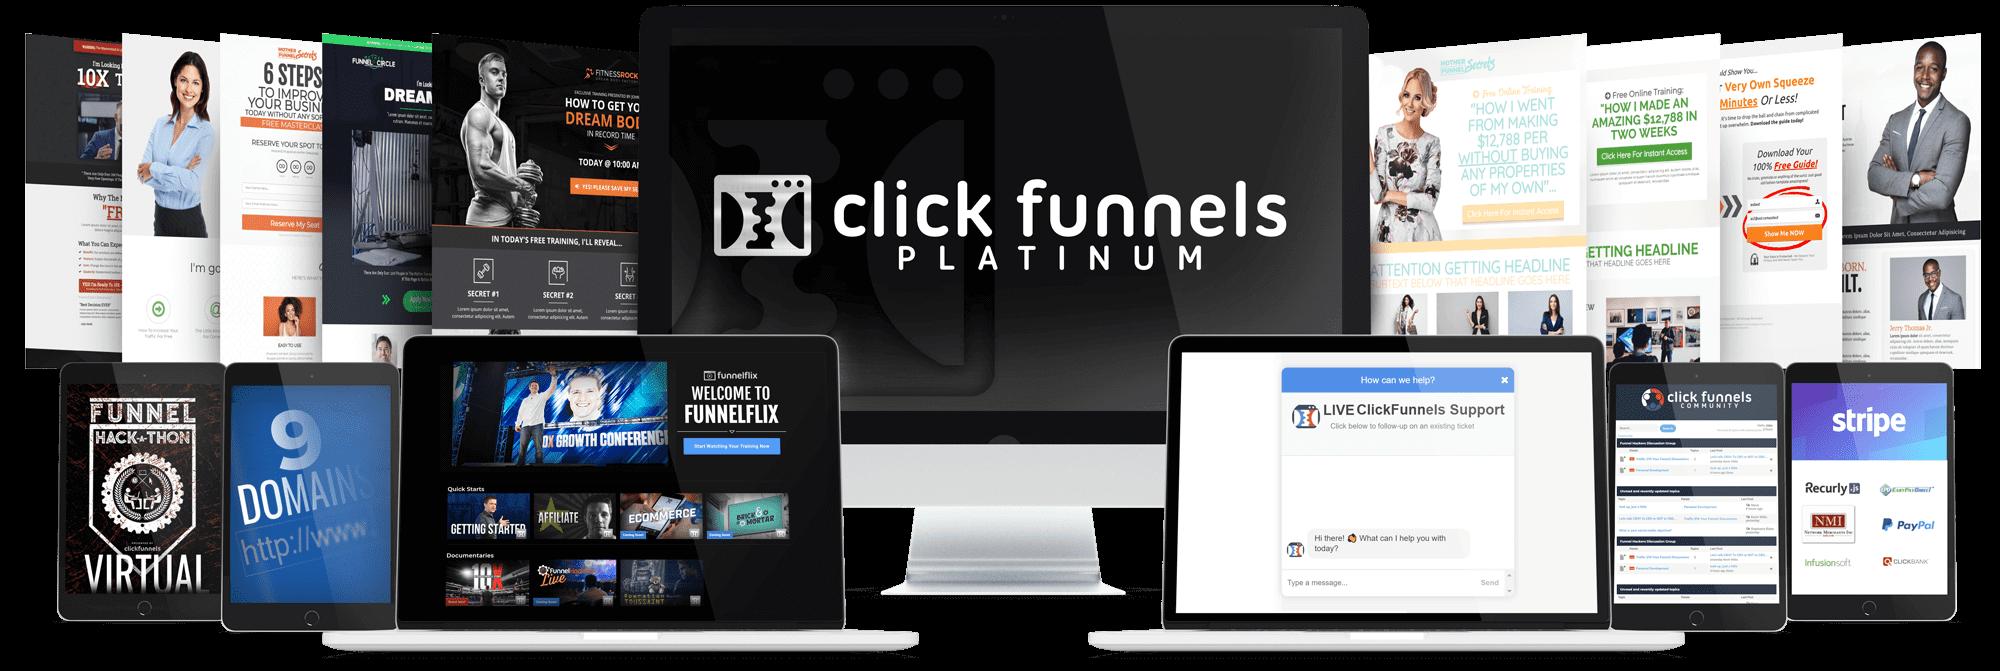 Clickfunnels-Platinum-Mock-Up-Collage222-min